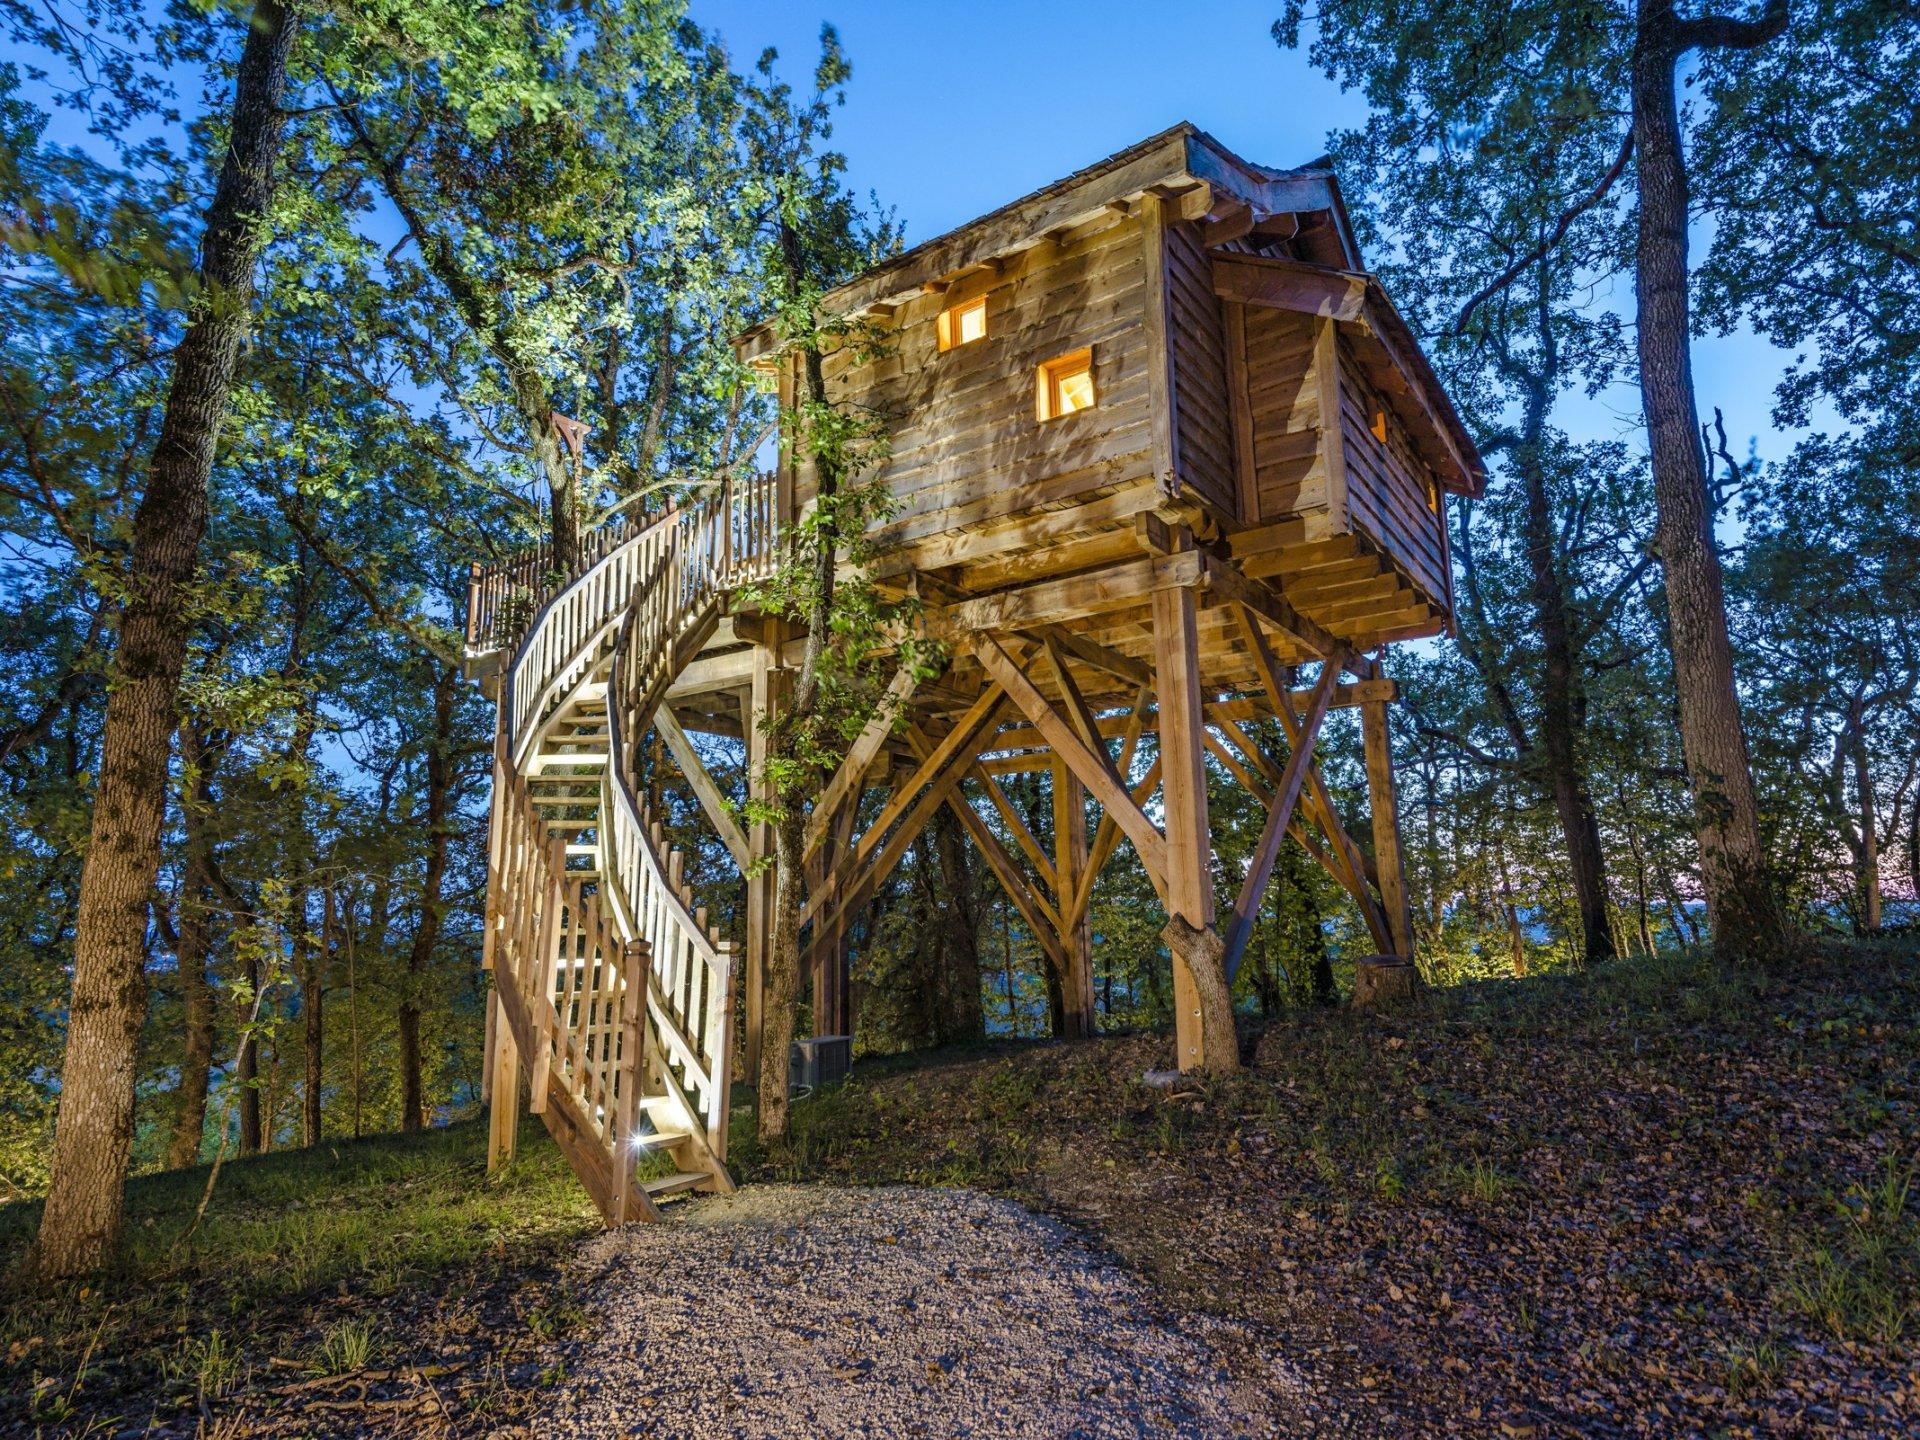 cabane spa toscane cabane dans les arbres aquitaine nouvelle aquitaine location insolite. Black Bedroom Furniture Sets. Home Design Ideas